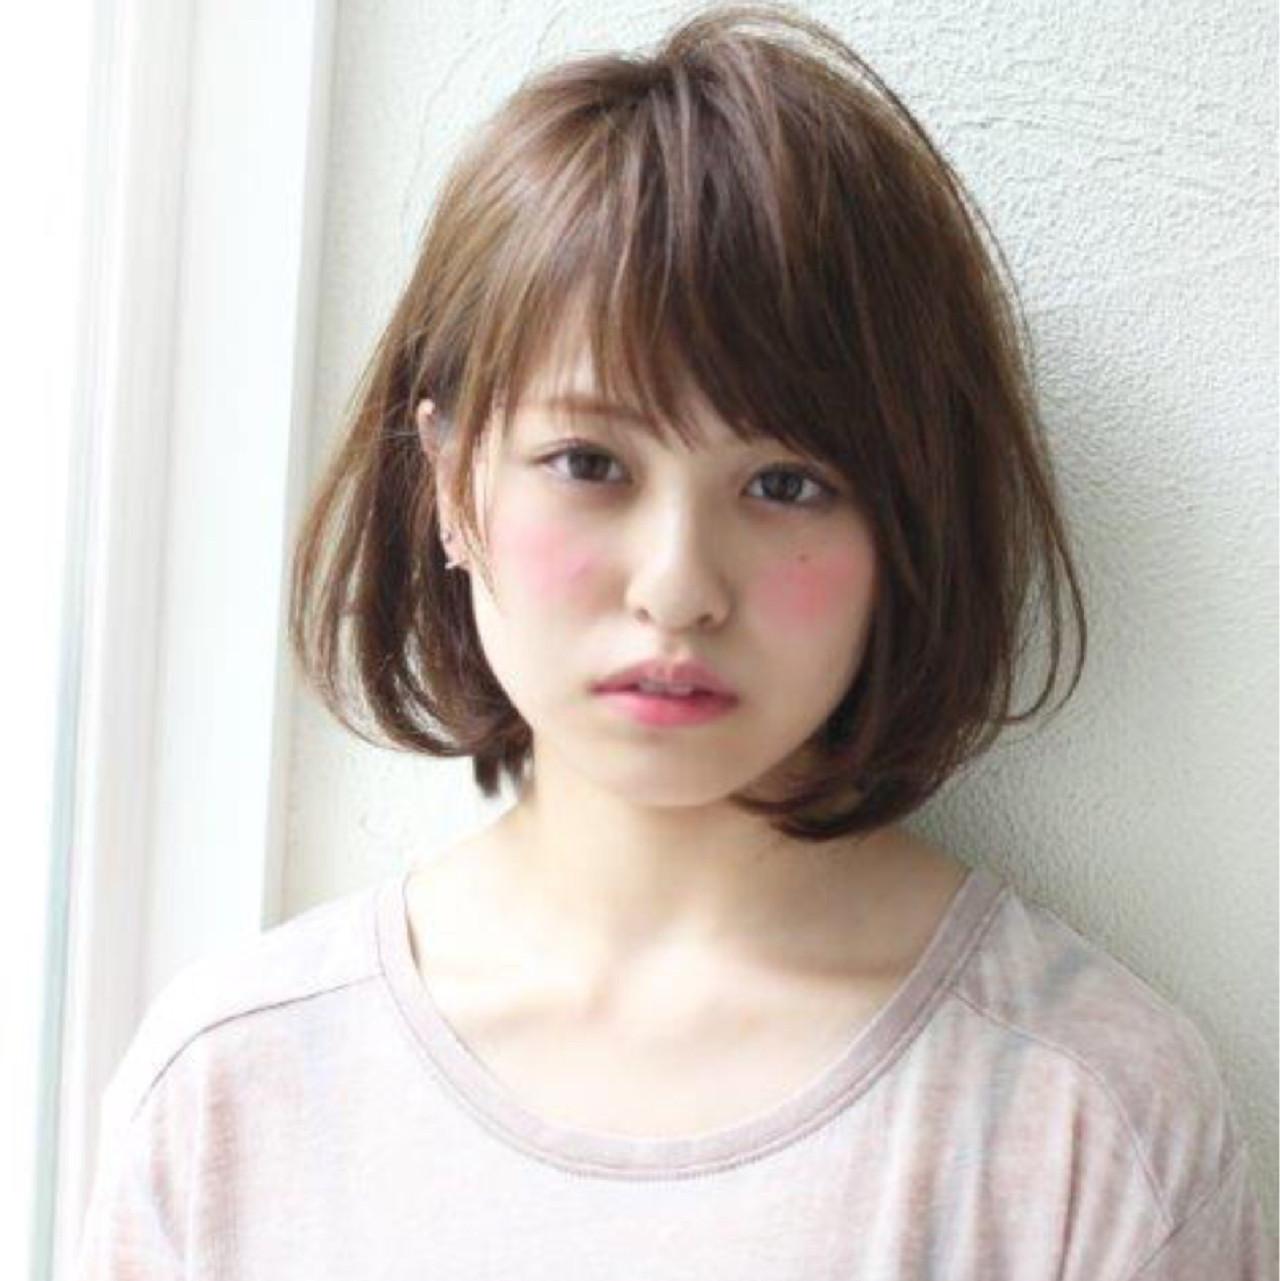 パーマ ショートボブ 大人かわいい ストリート ヘアスタイルや髪型の写真・画像 | 切りっぱなしボブを流行らせた人 Un ami増永 / Un ami omotesando